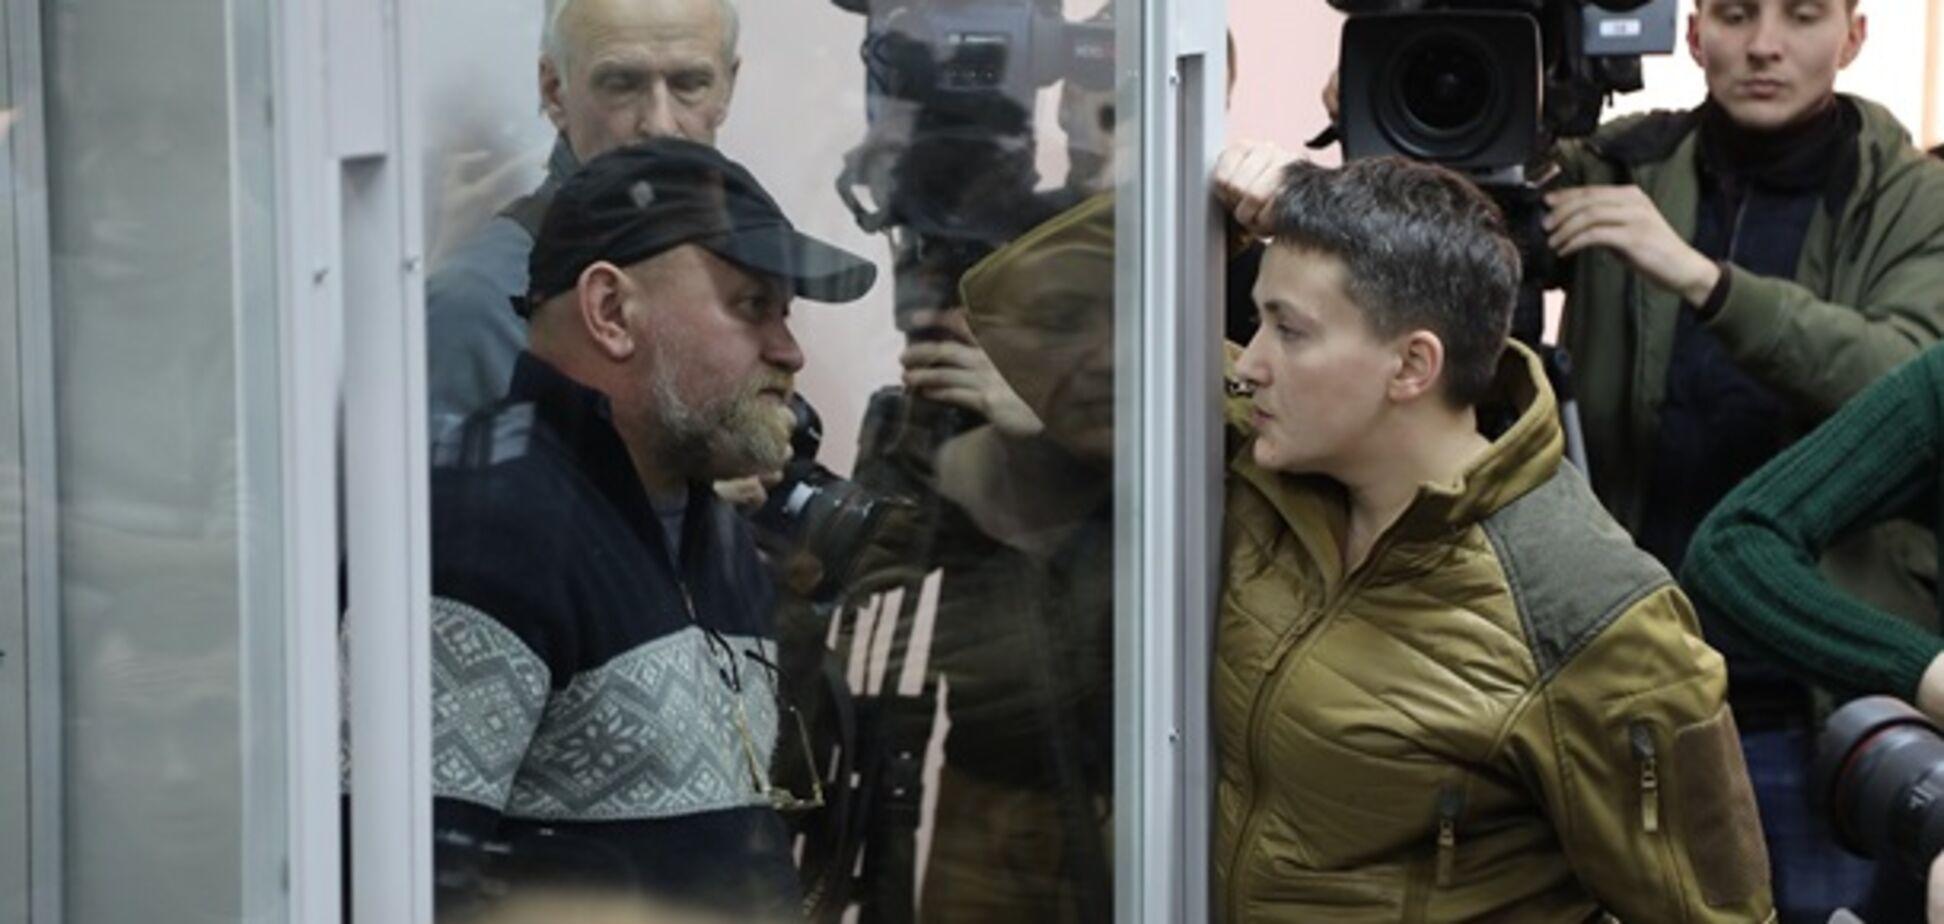 Арешт Рубана: політконсультант озвучив очевидний доказ причетності Кремля